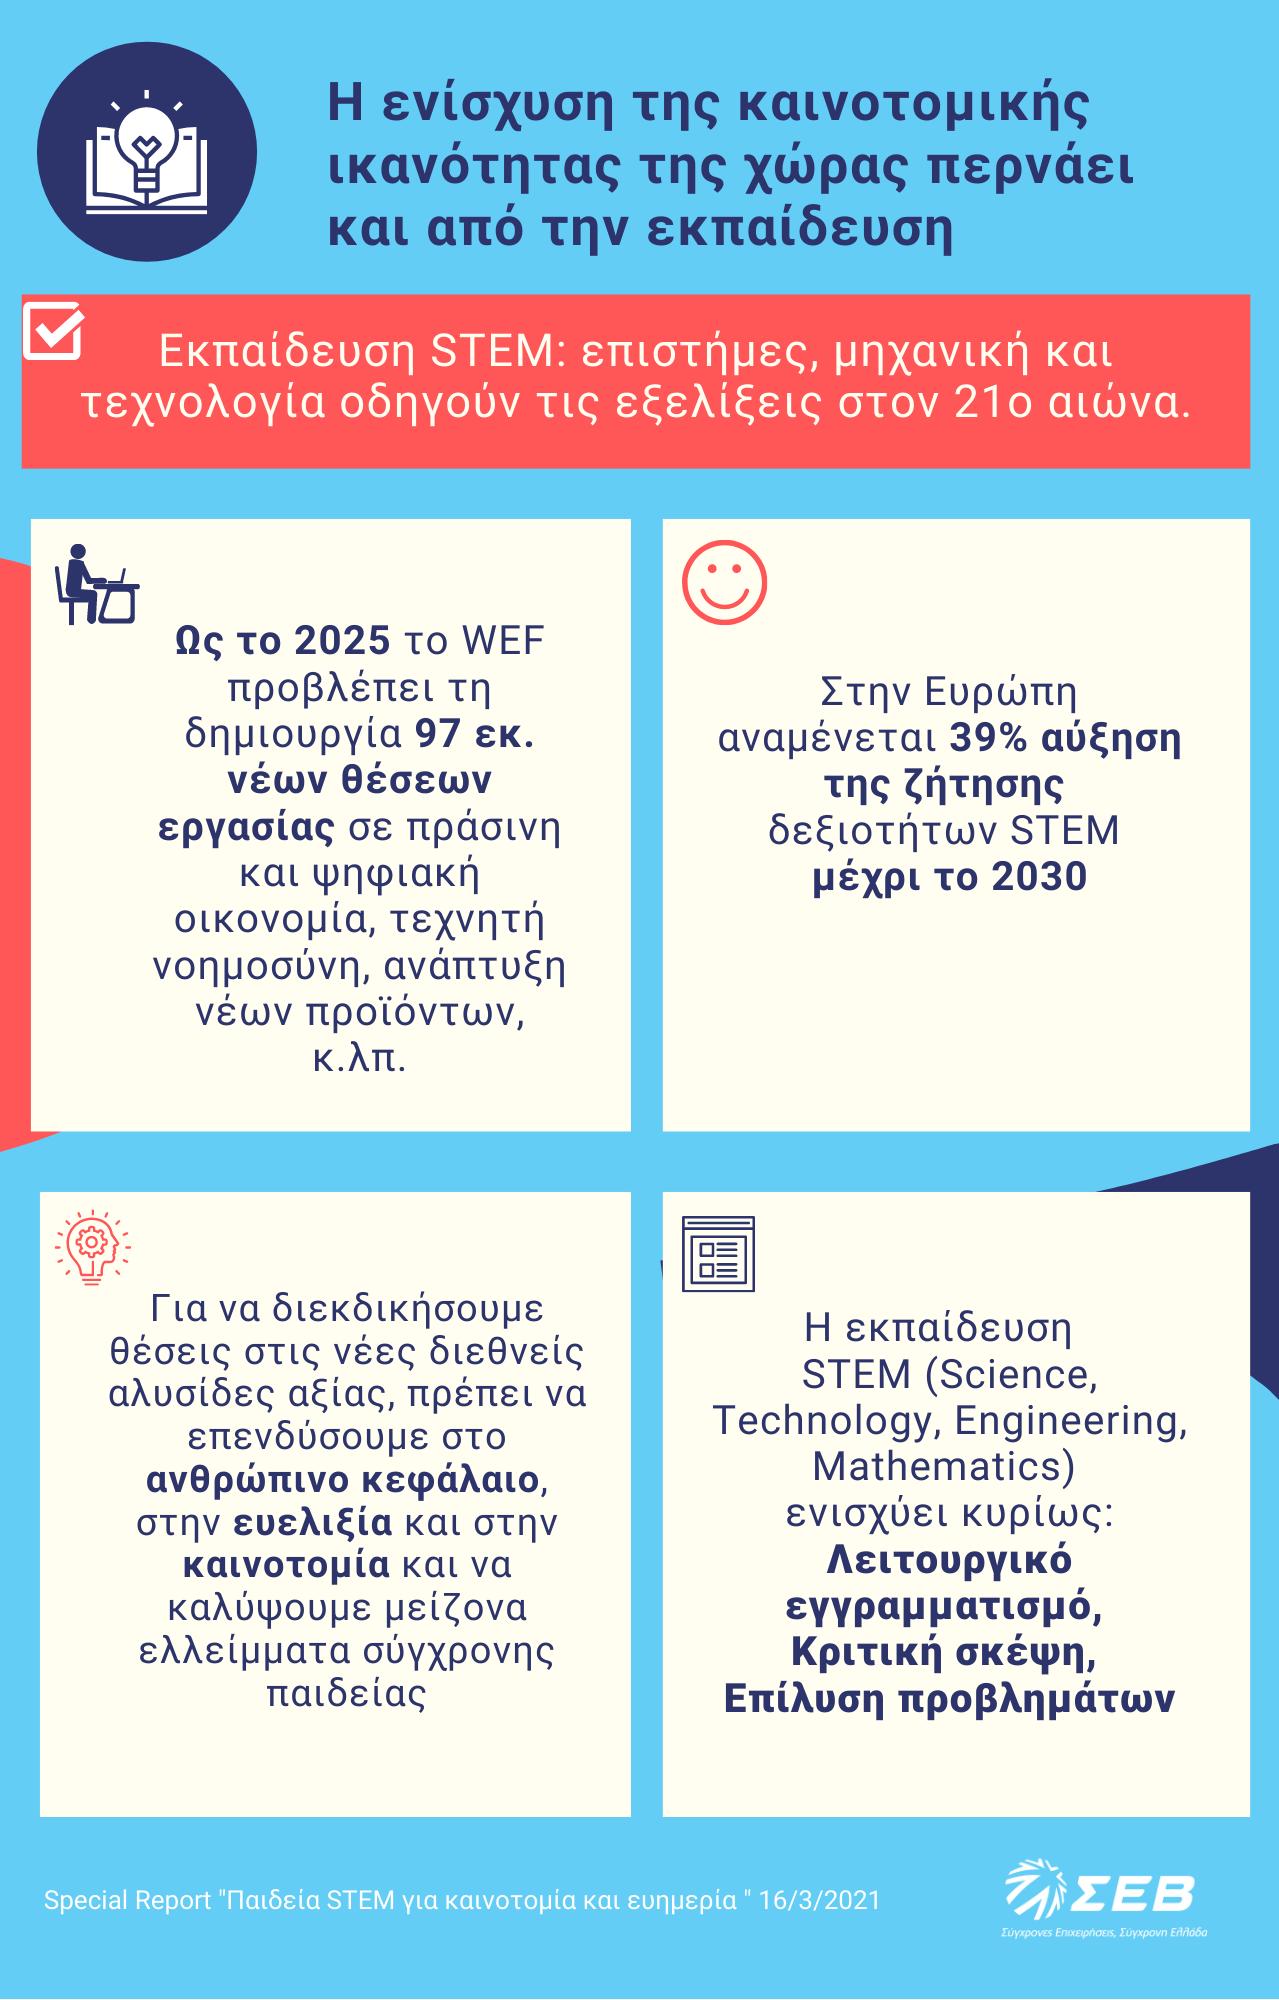 oi-protaseis-toy-sev-gia-enischysi-toy-stem-sta-ellinika-scholeia0